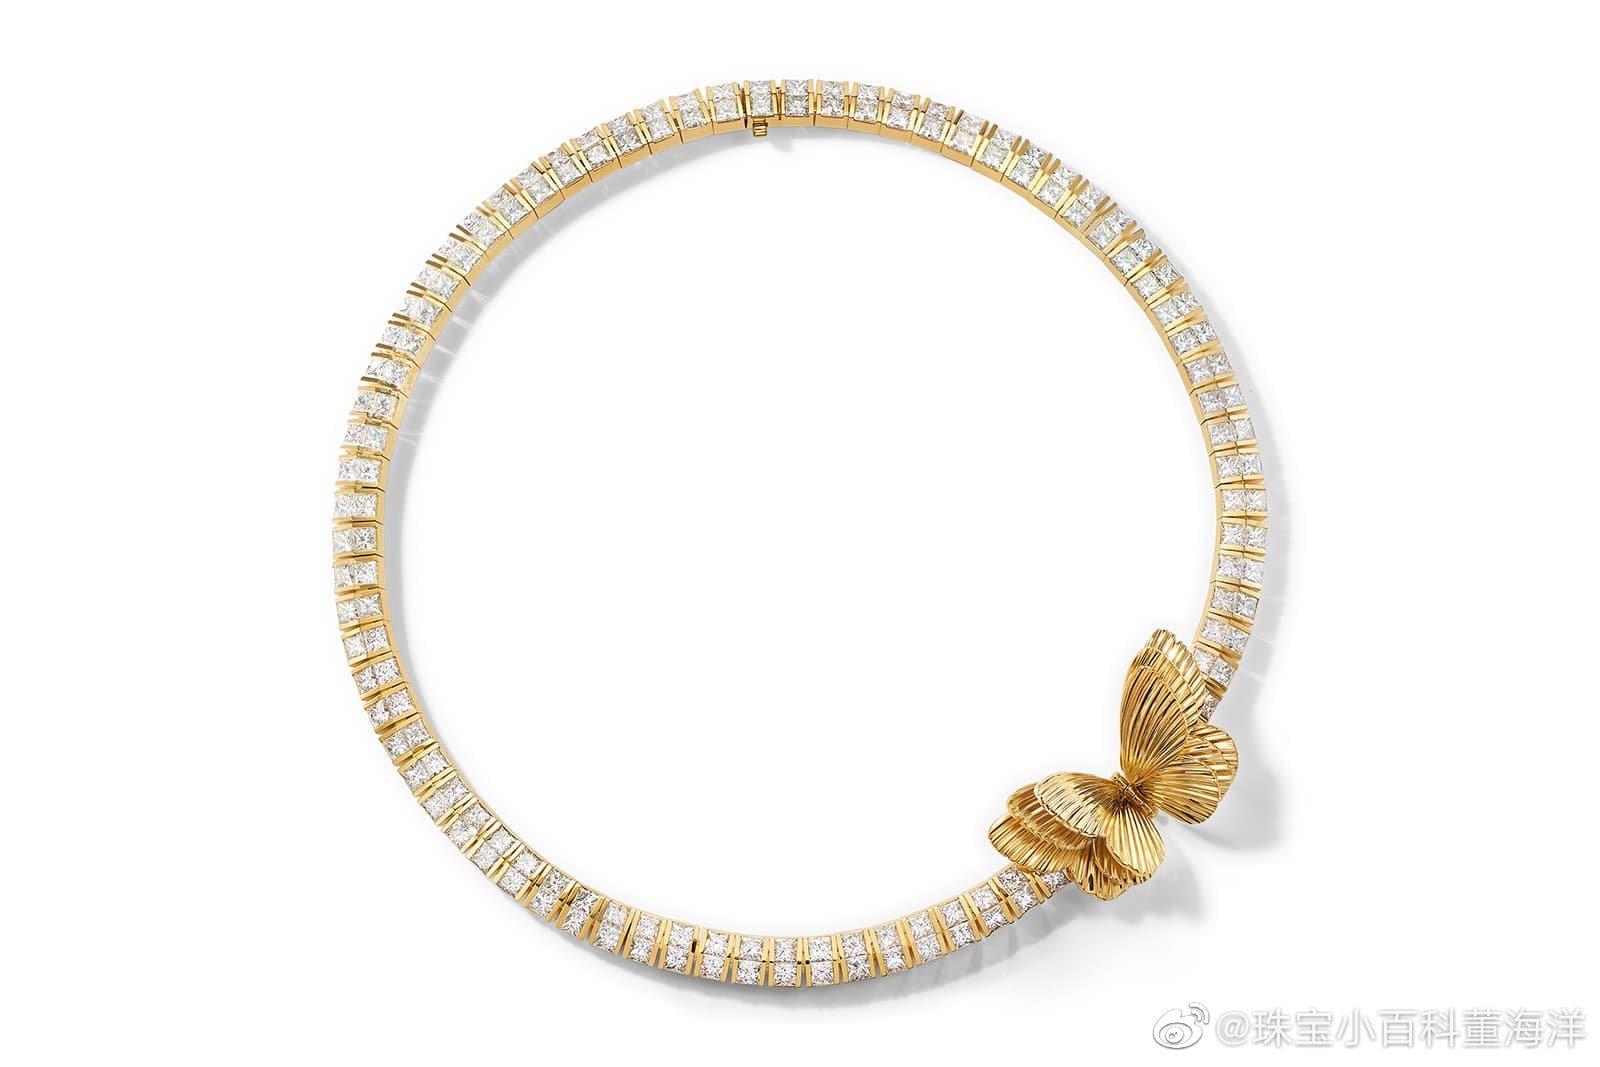 蝴蝶设计是最具女性魅力的动物灵感珠宝主题之一